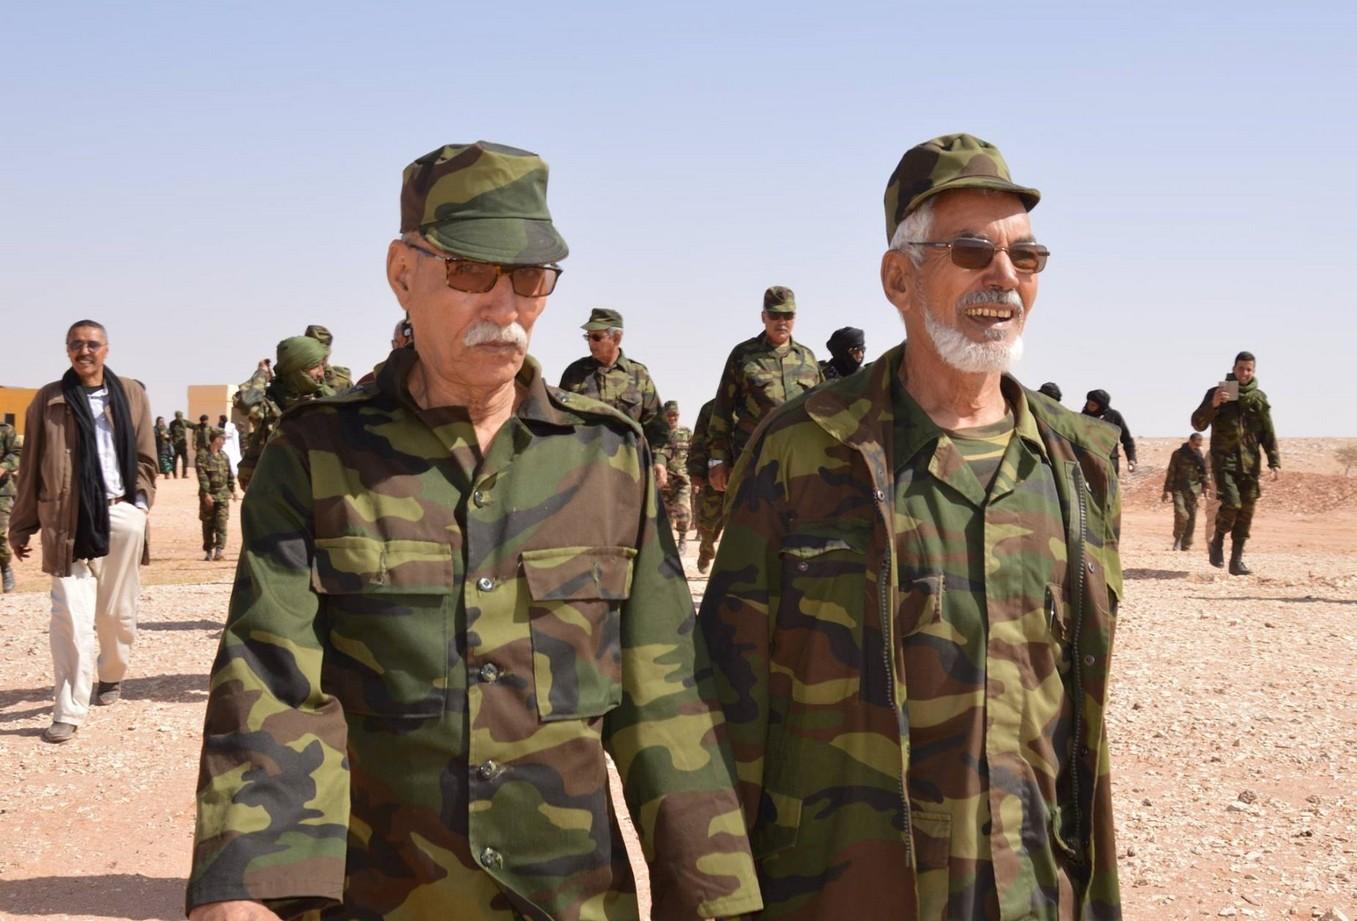 """خبير أردني: """"البوليساريو"""" احترفت التسول على حساب معاناة المحتجزين في مخيمات تندوف"""